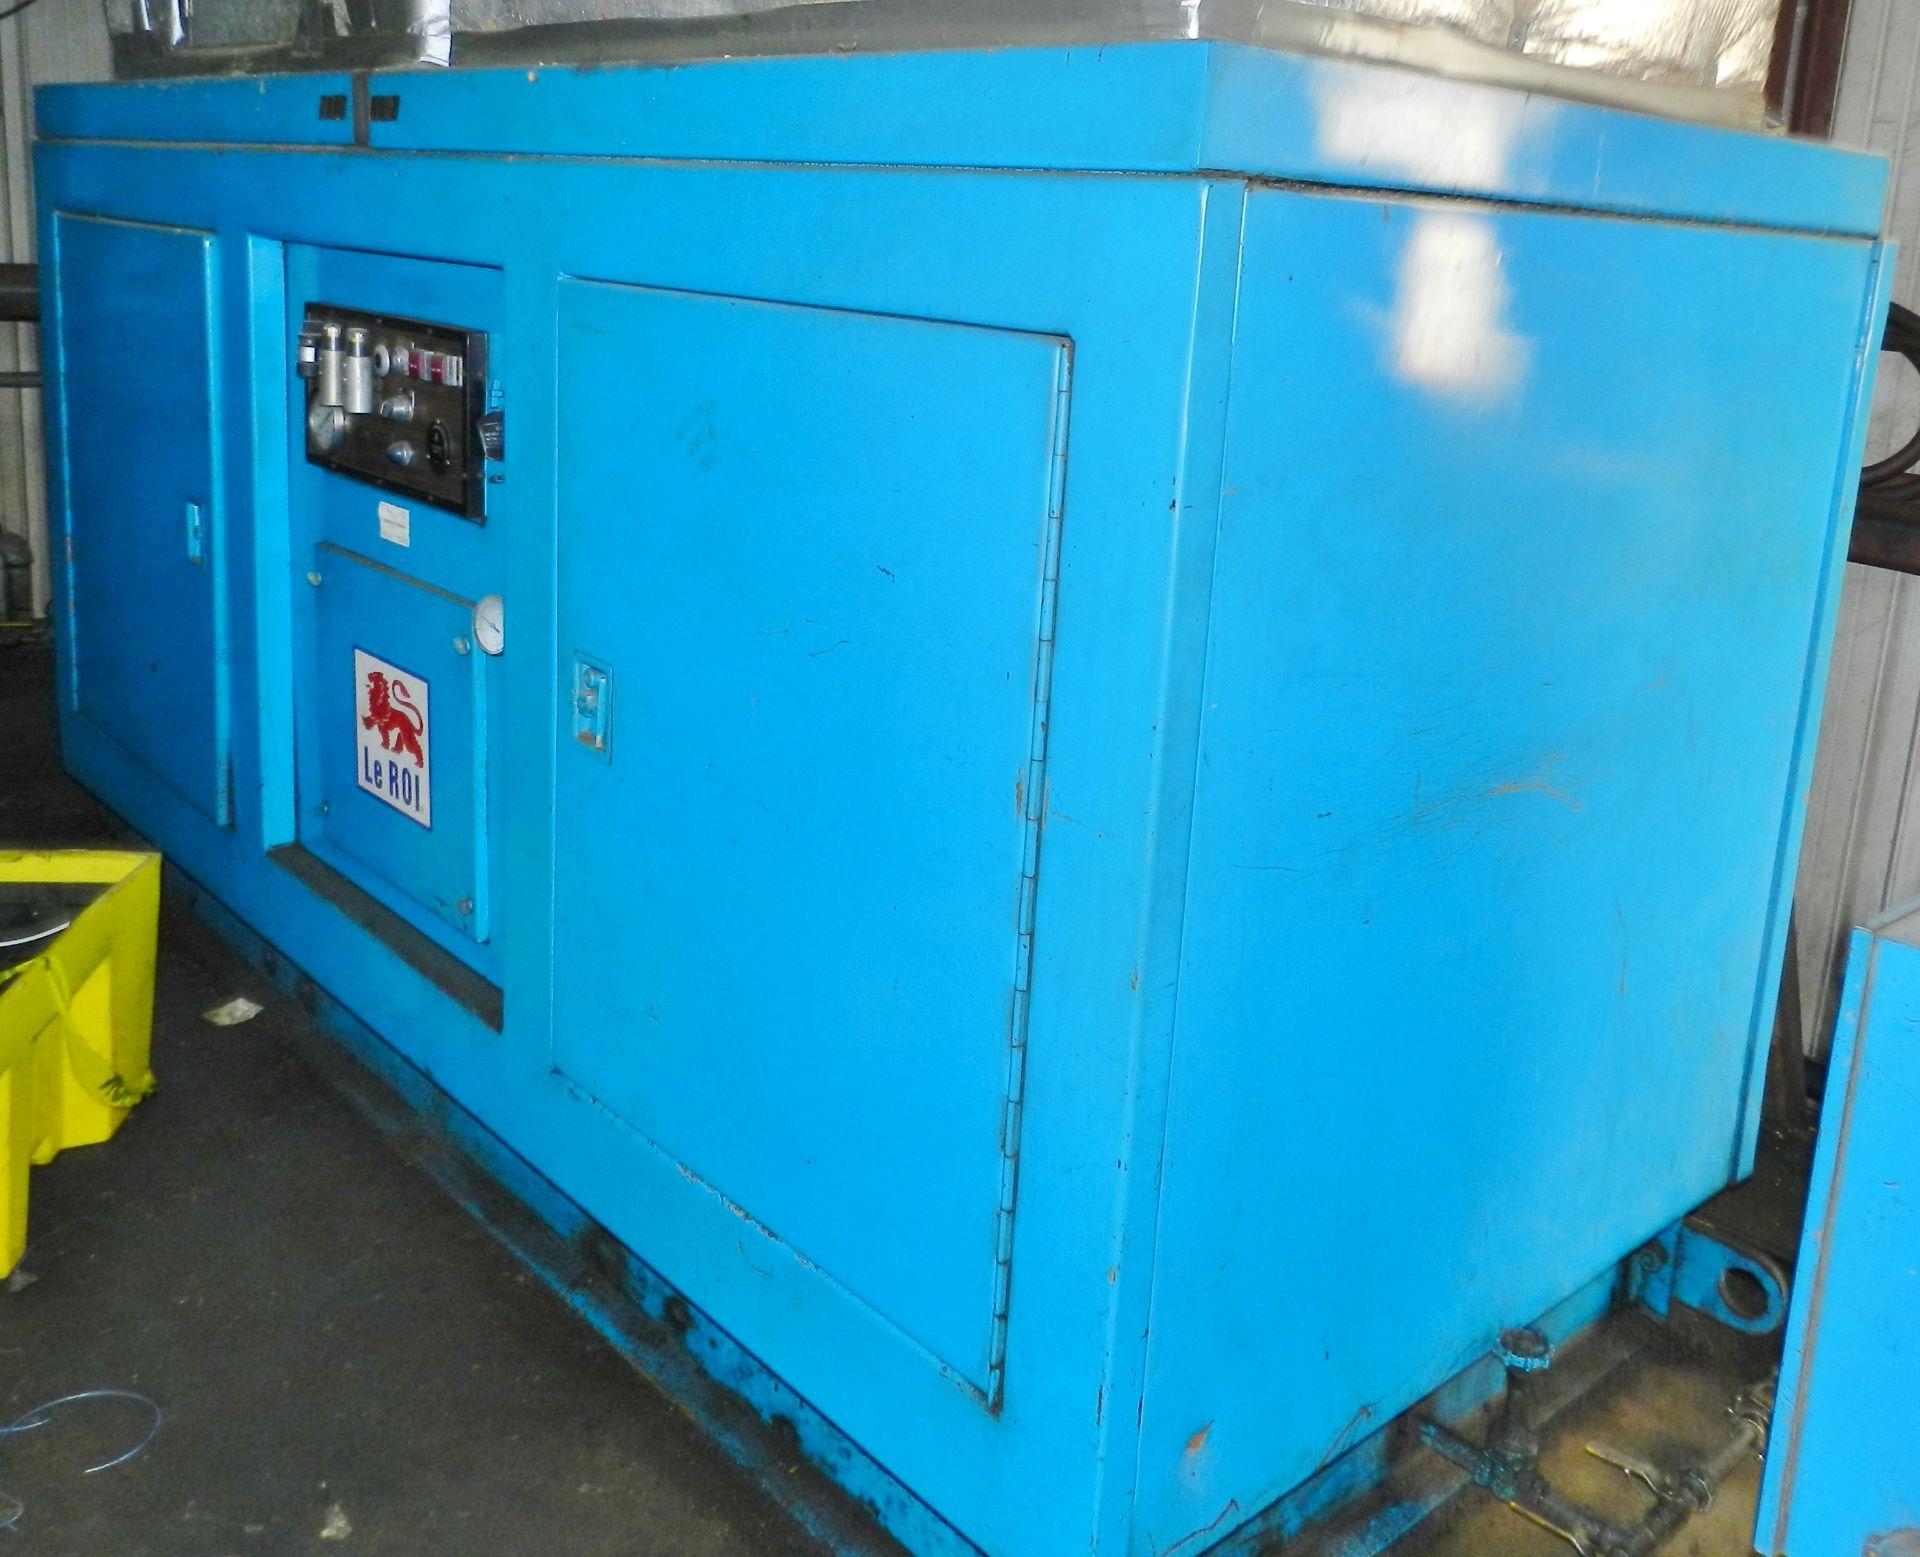 Lot 27 - Leroi Dresser 100 HP Rotary Air Compressor